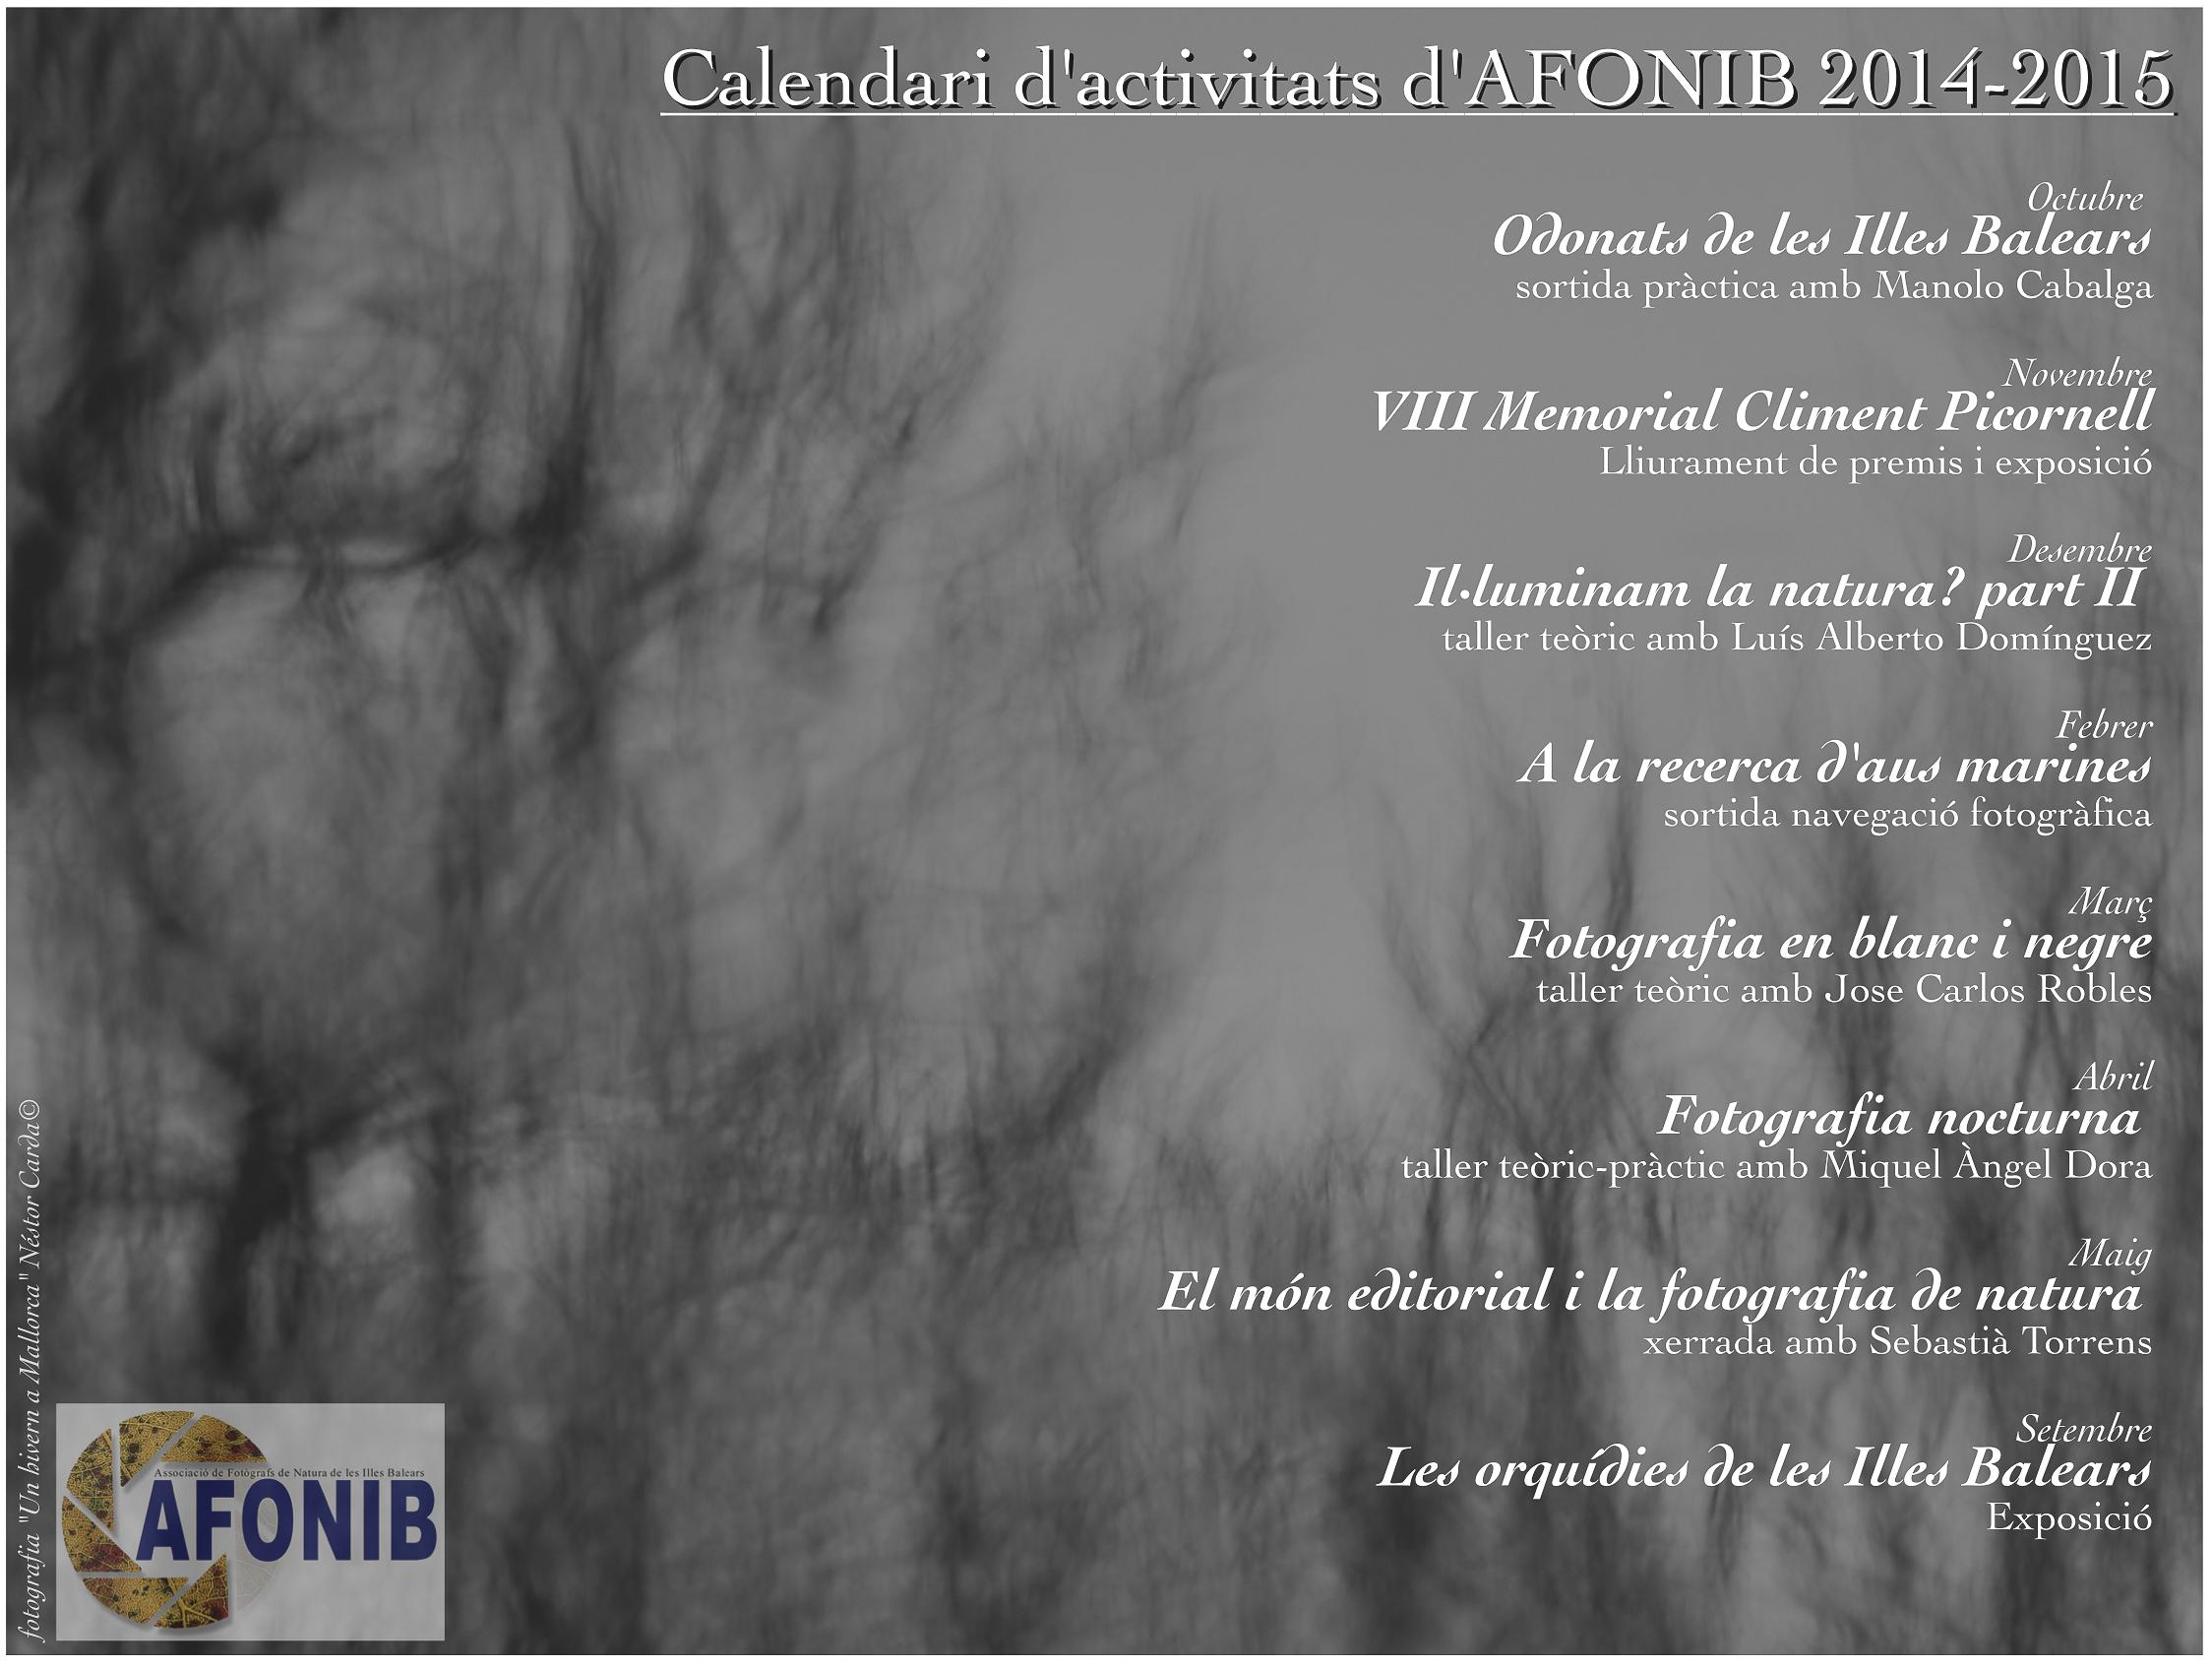 Calendari activitats 2014-15